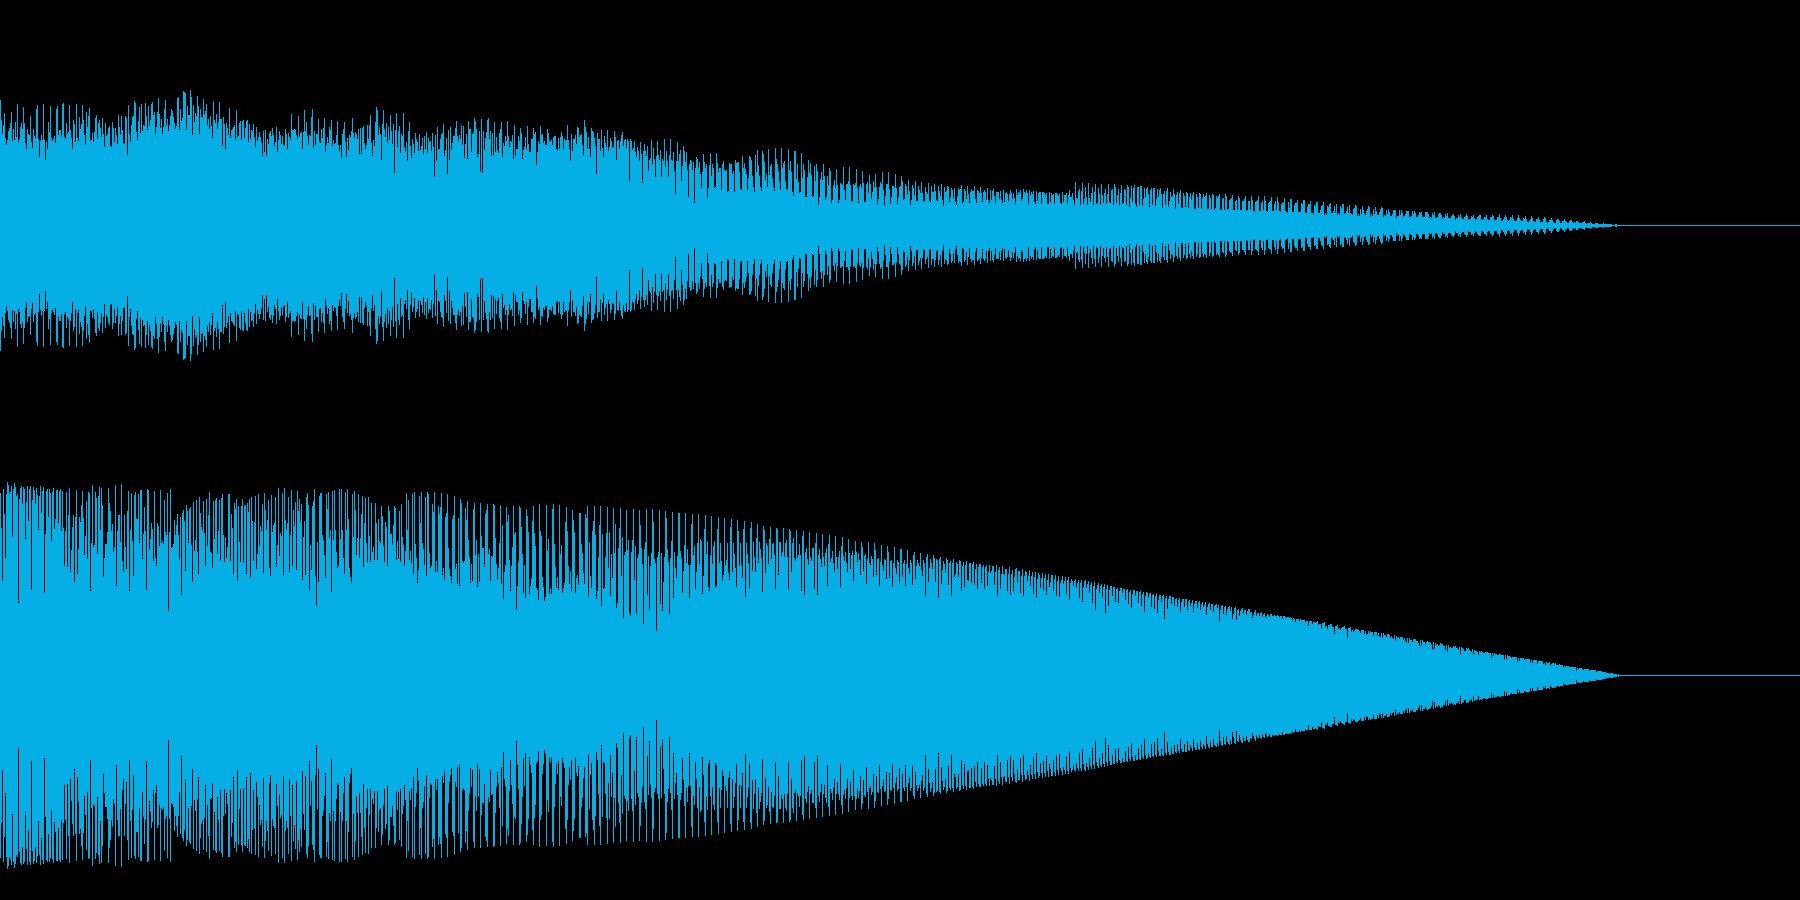 ッフォゥーーー(SF、ロゴ、タイトル等)の再生済みの波形